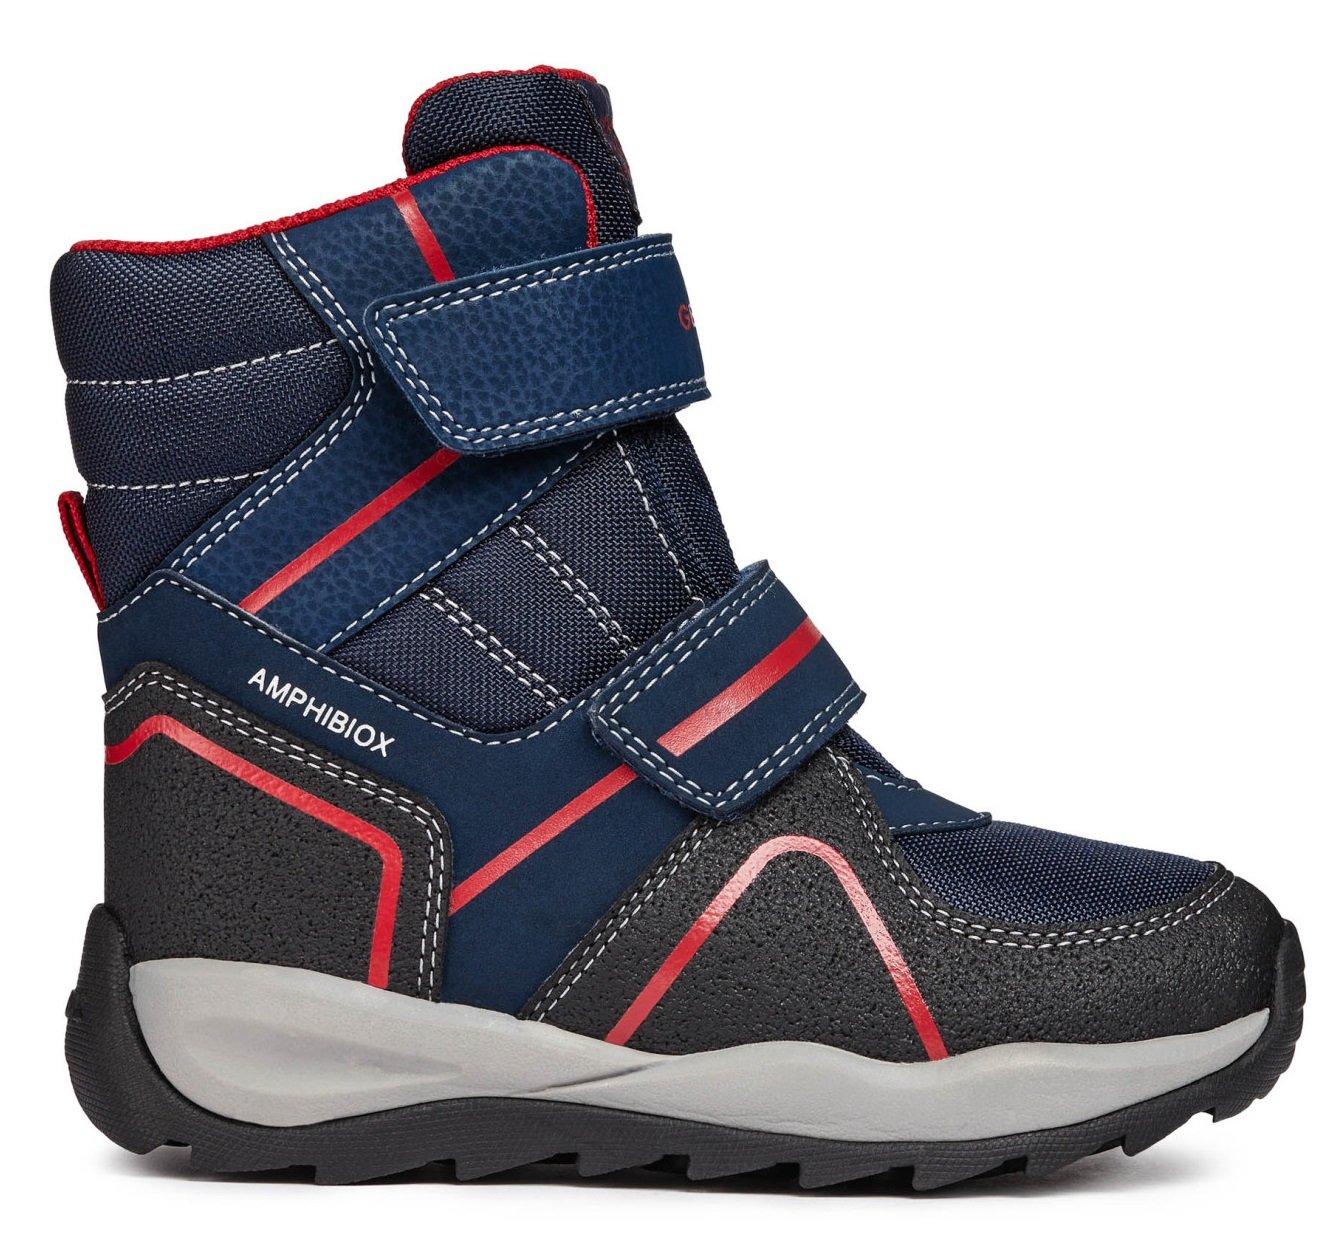 ... Chlapecké zimní boty Orizont - modré. -20%. Geox ... af2c3385f8